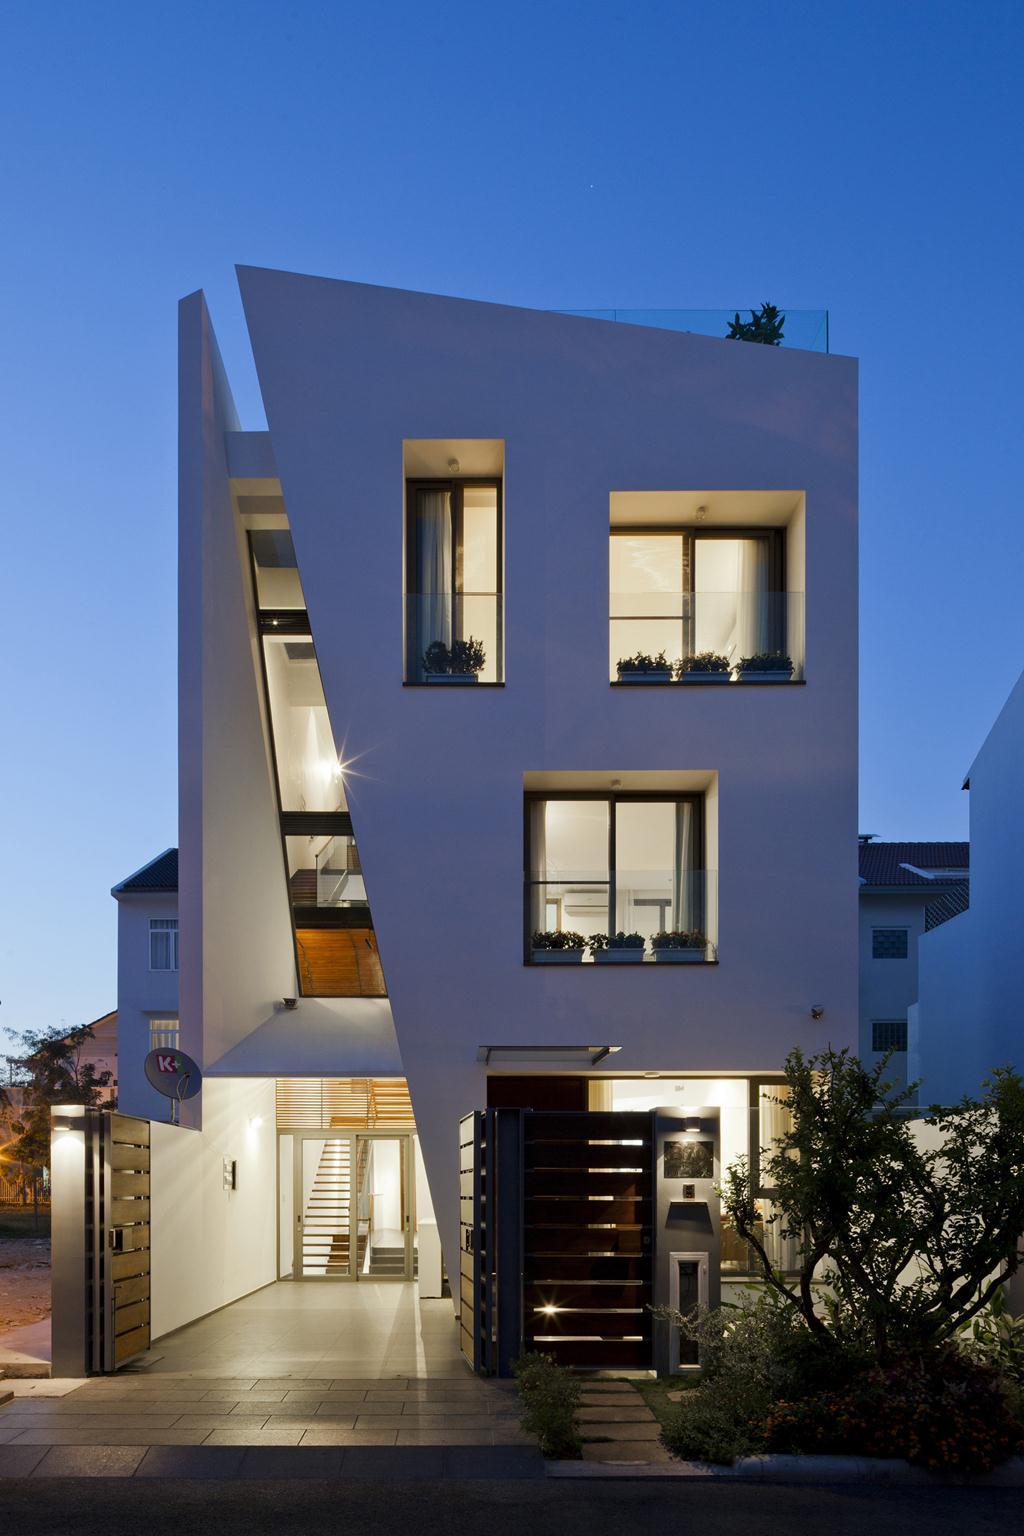 Ngôi nhà với mặt tiền gấp khúc độc đáo